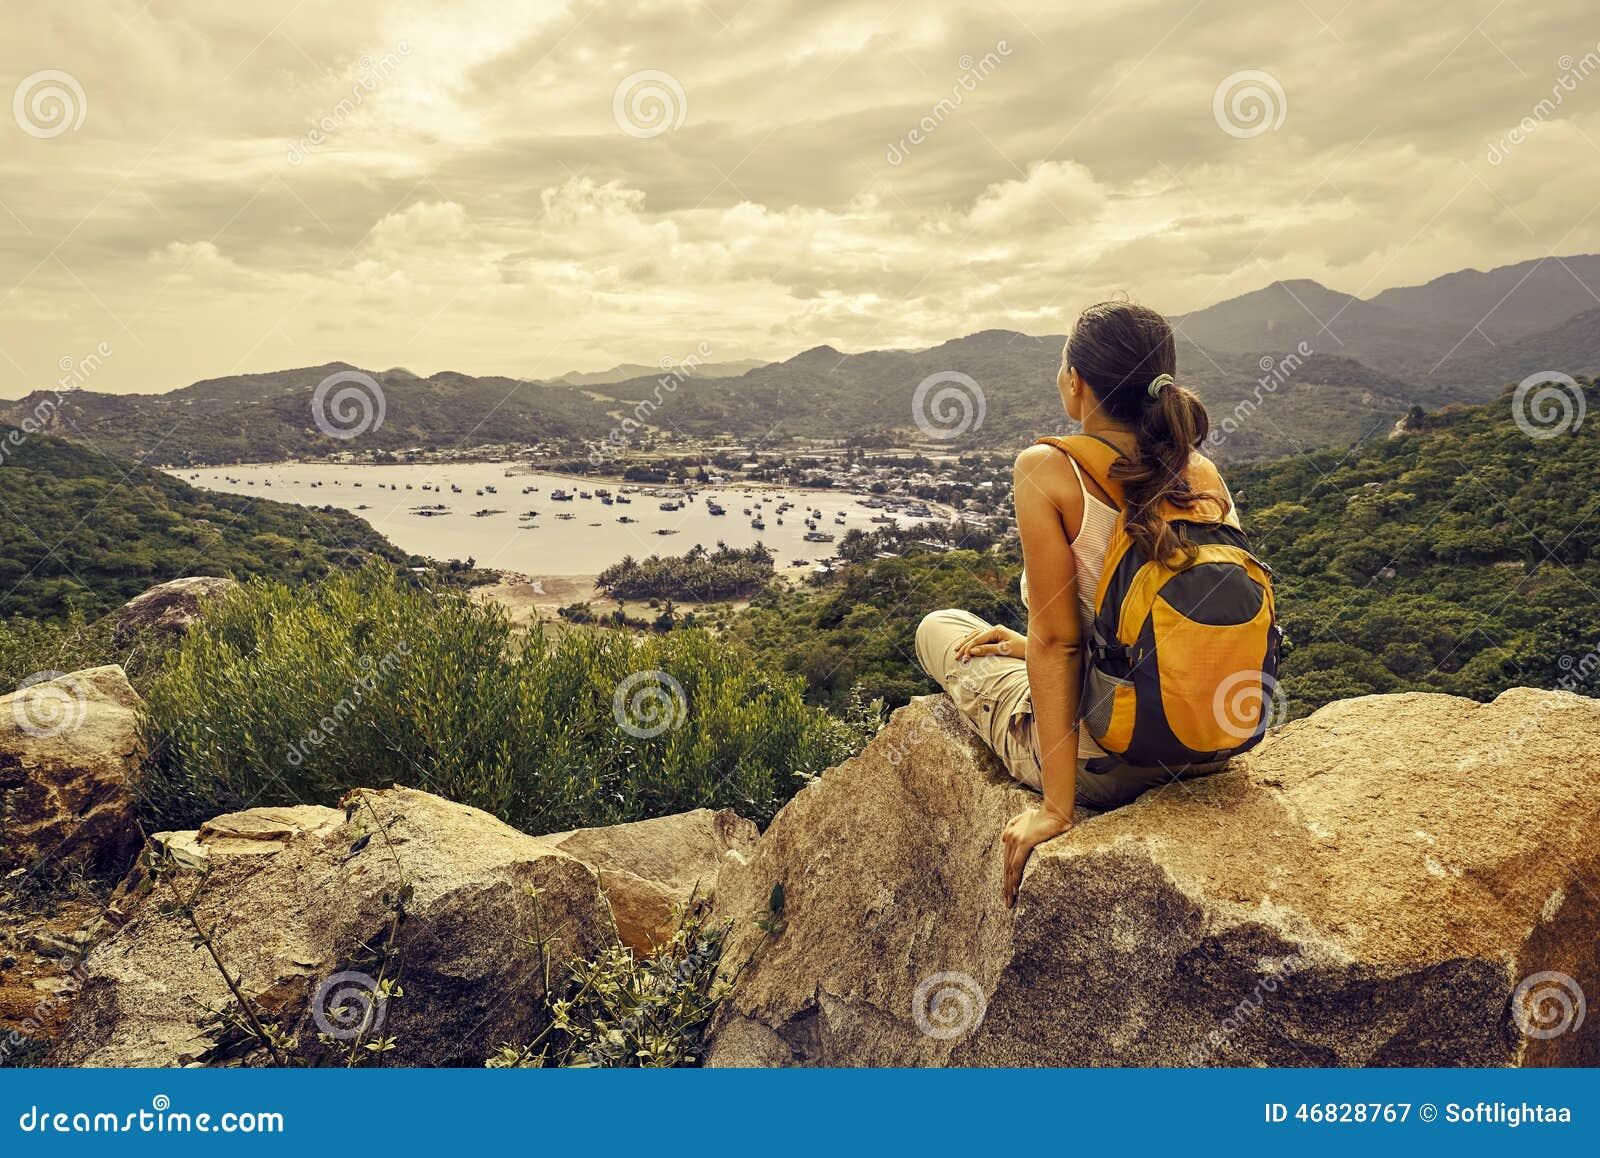 Путешественник женщины сидит и смотрит край скалы на заливе моря